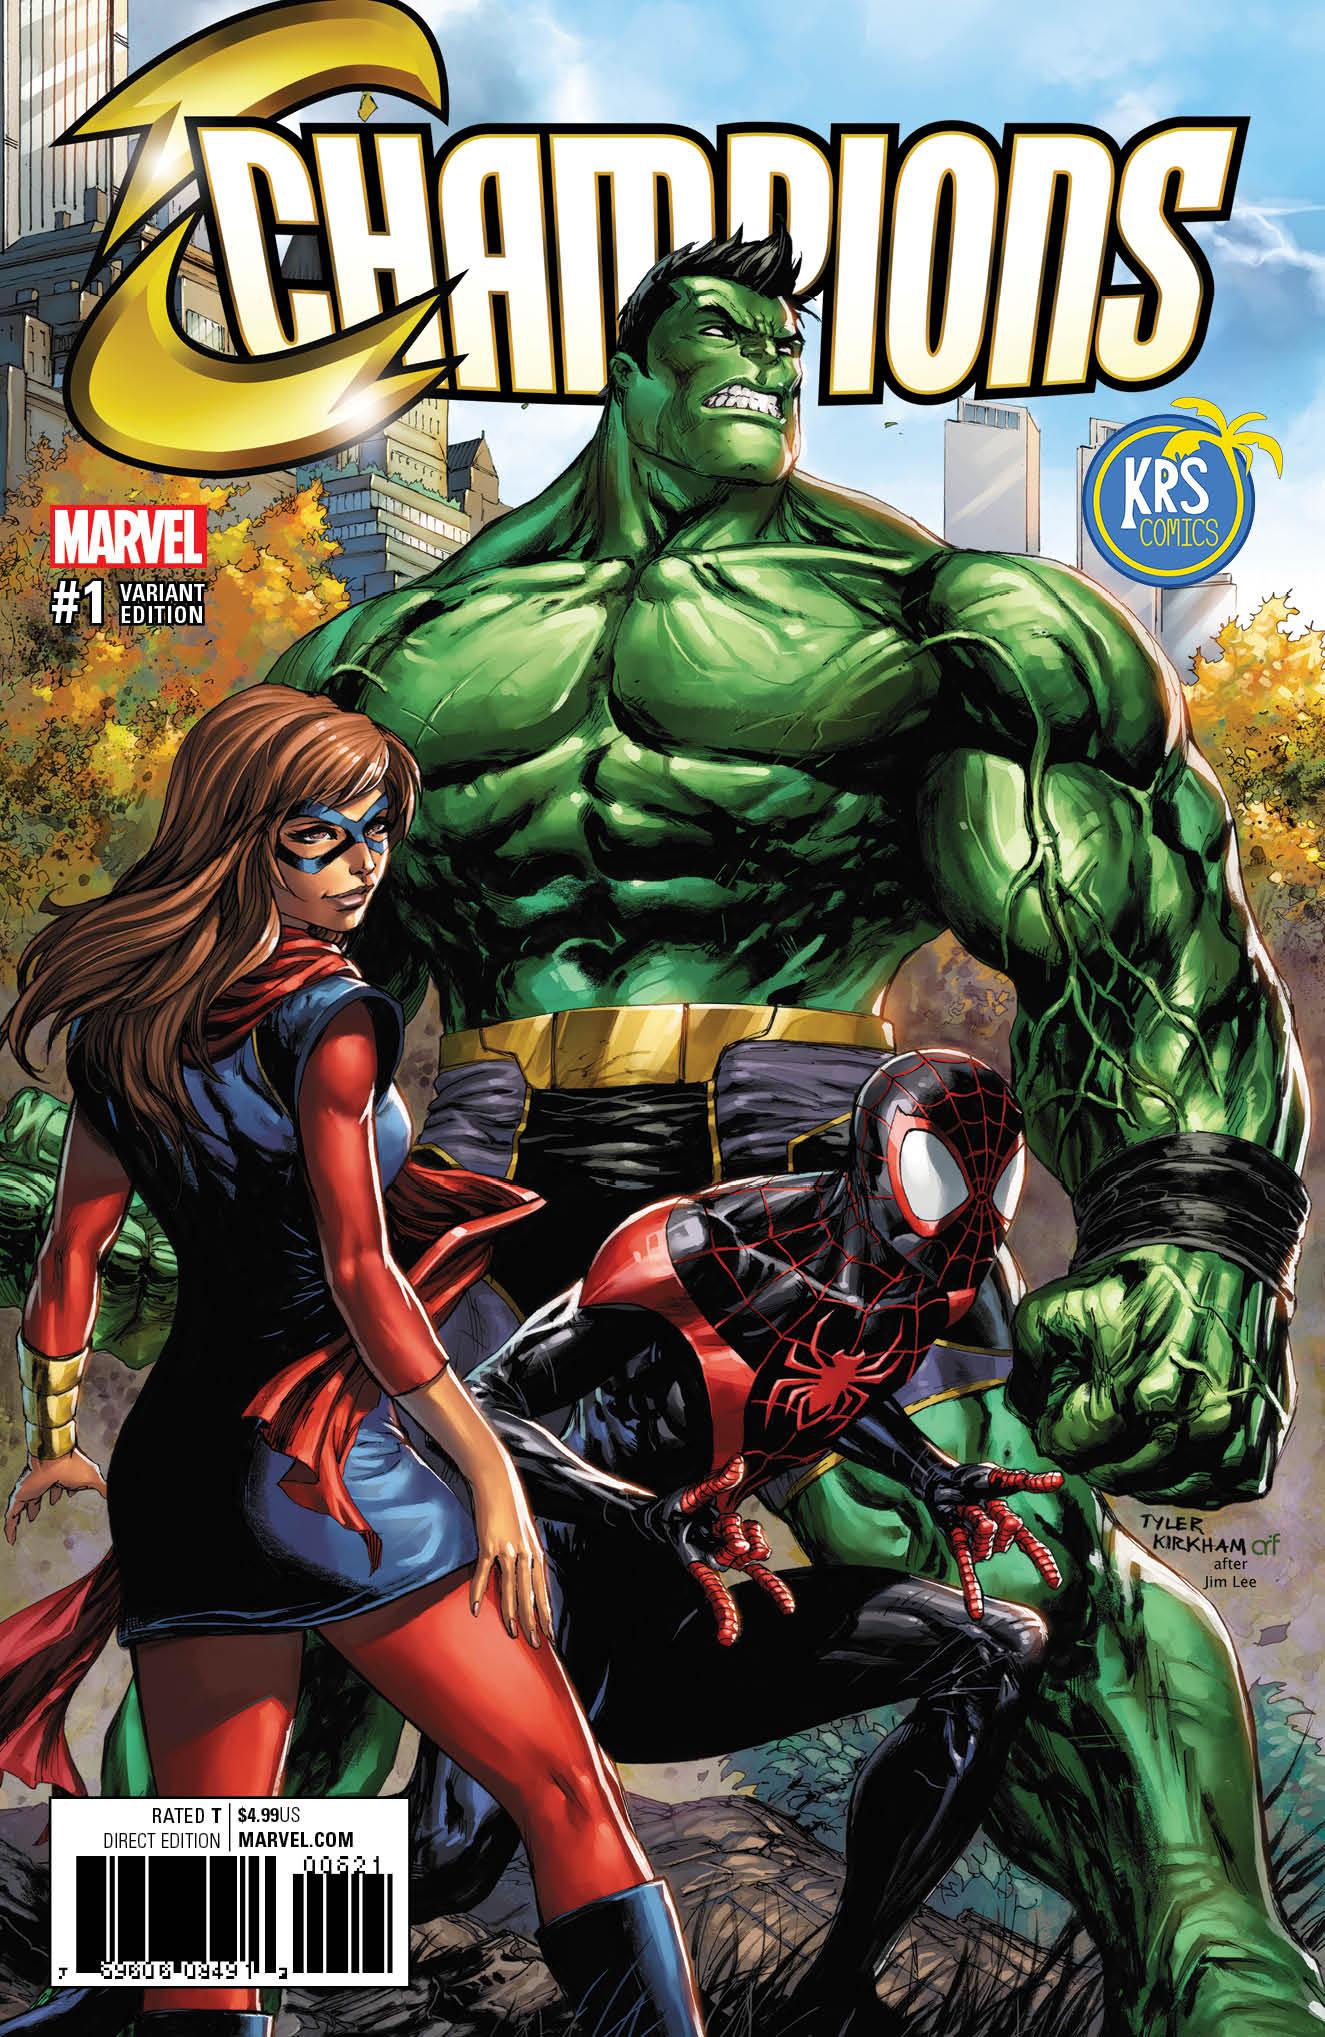 Champions Vol 2 1 KRS Comics Exclusive Variant.jpg